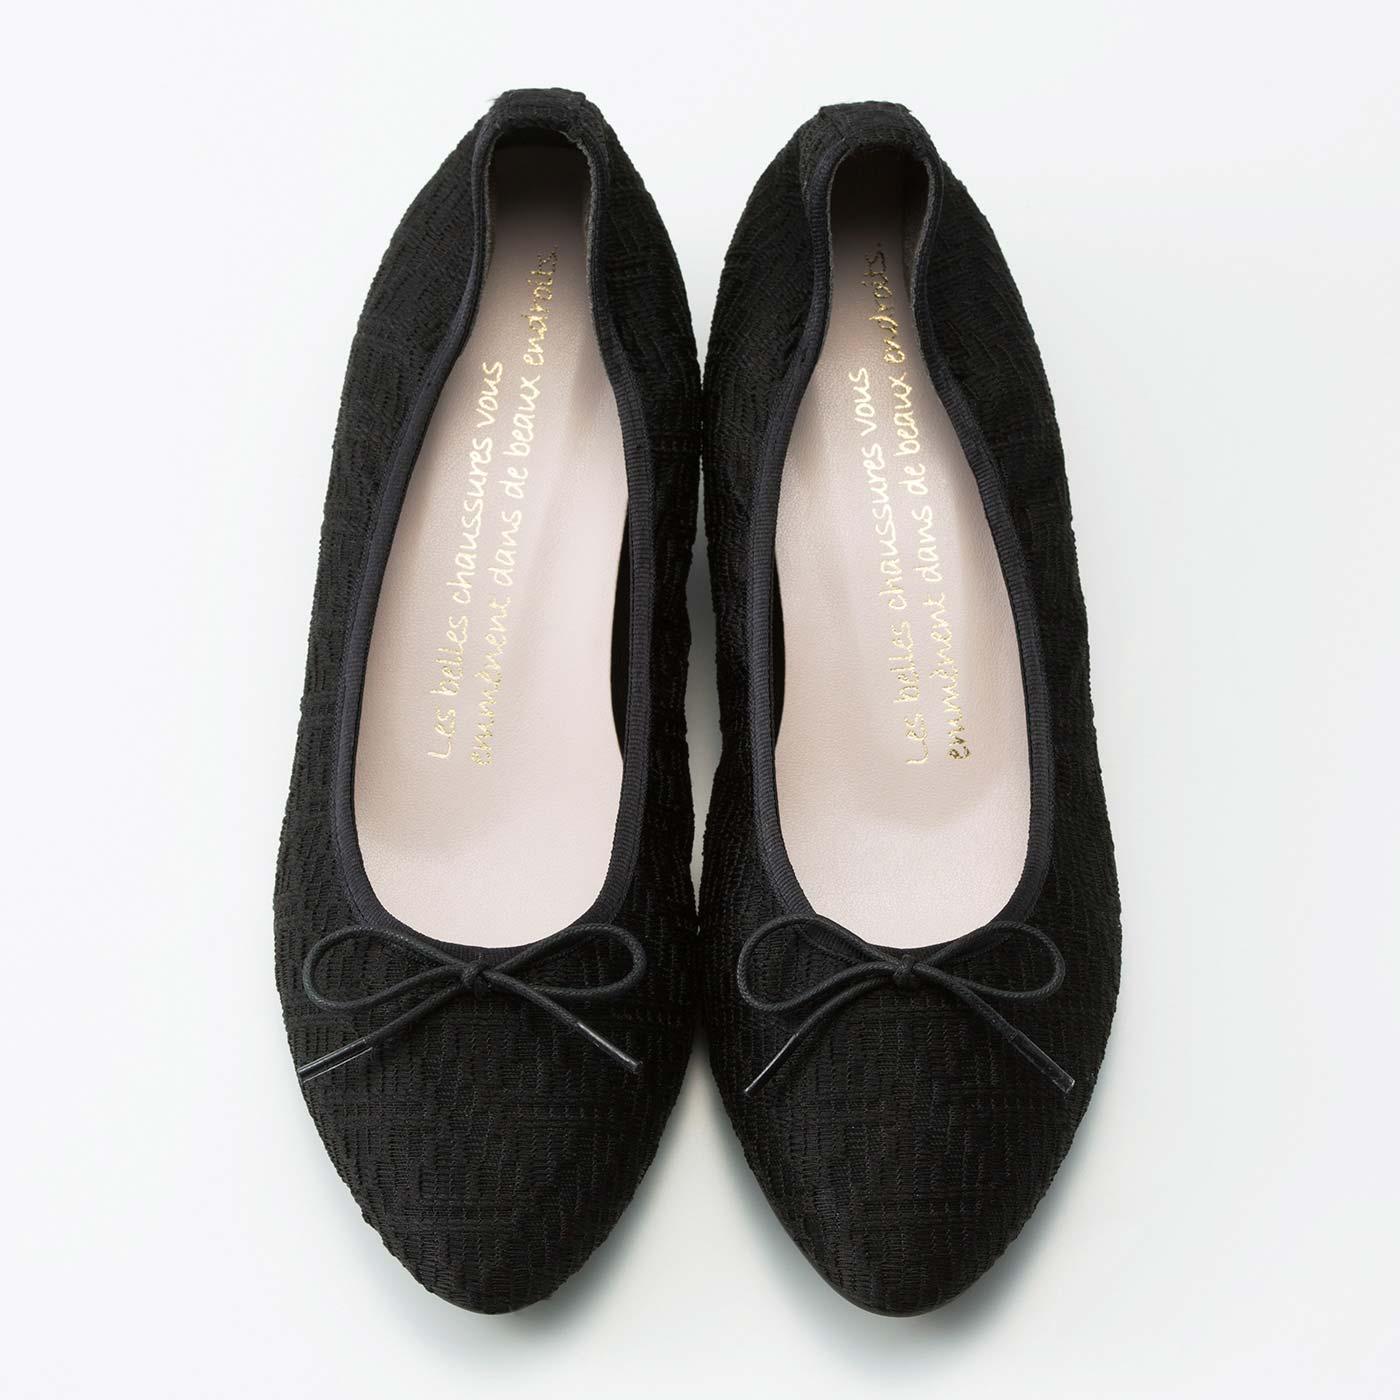 【織り模様ブラック】特別感のある織り柄でベーシックな黒を格上げ。